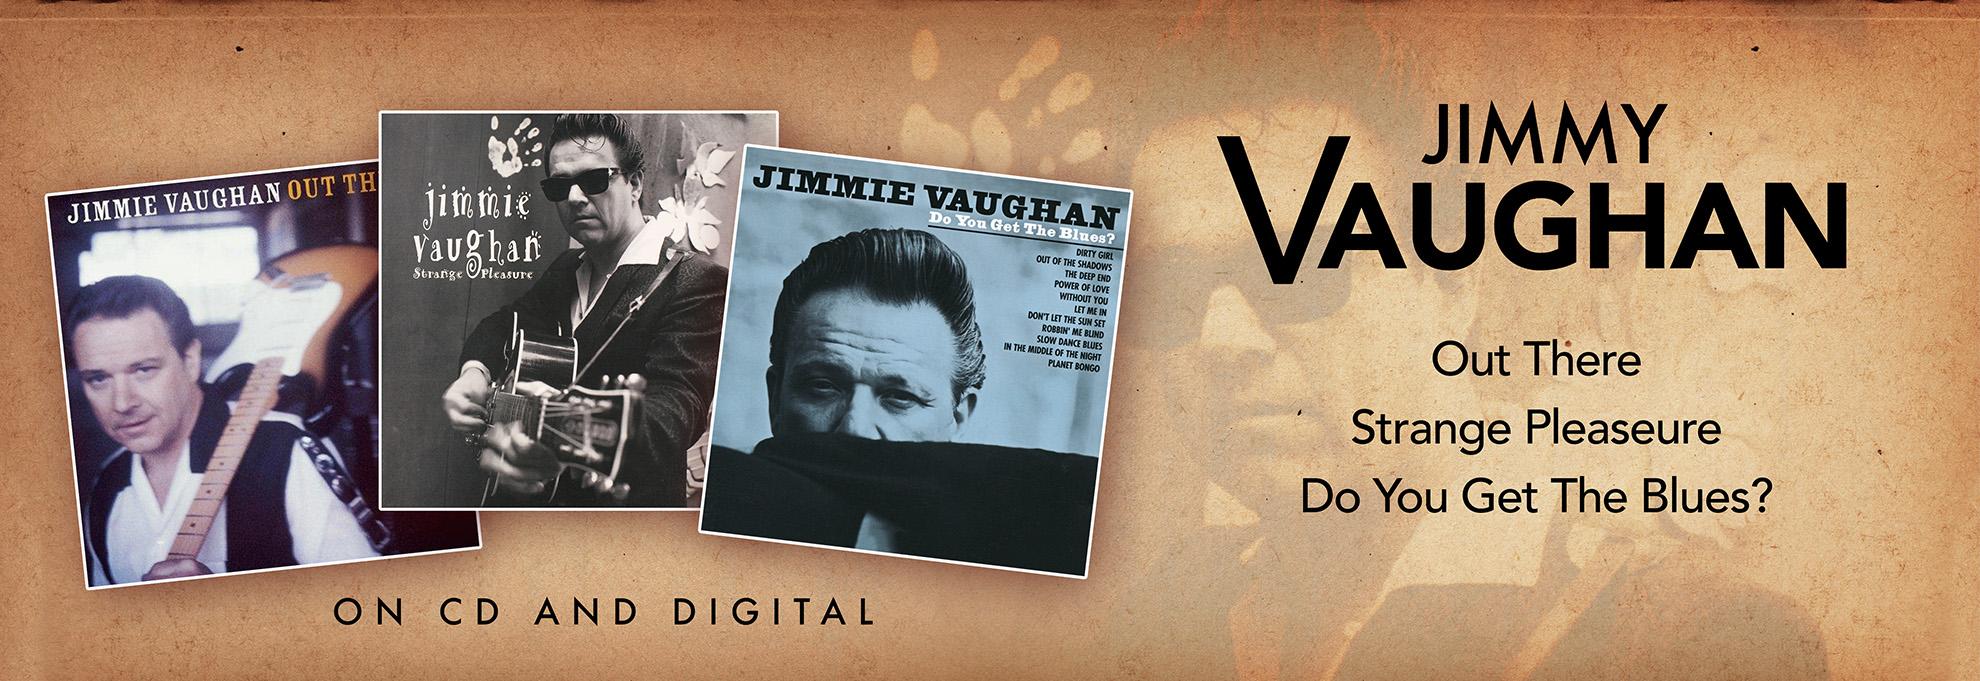 Jimmie-Vaughan